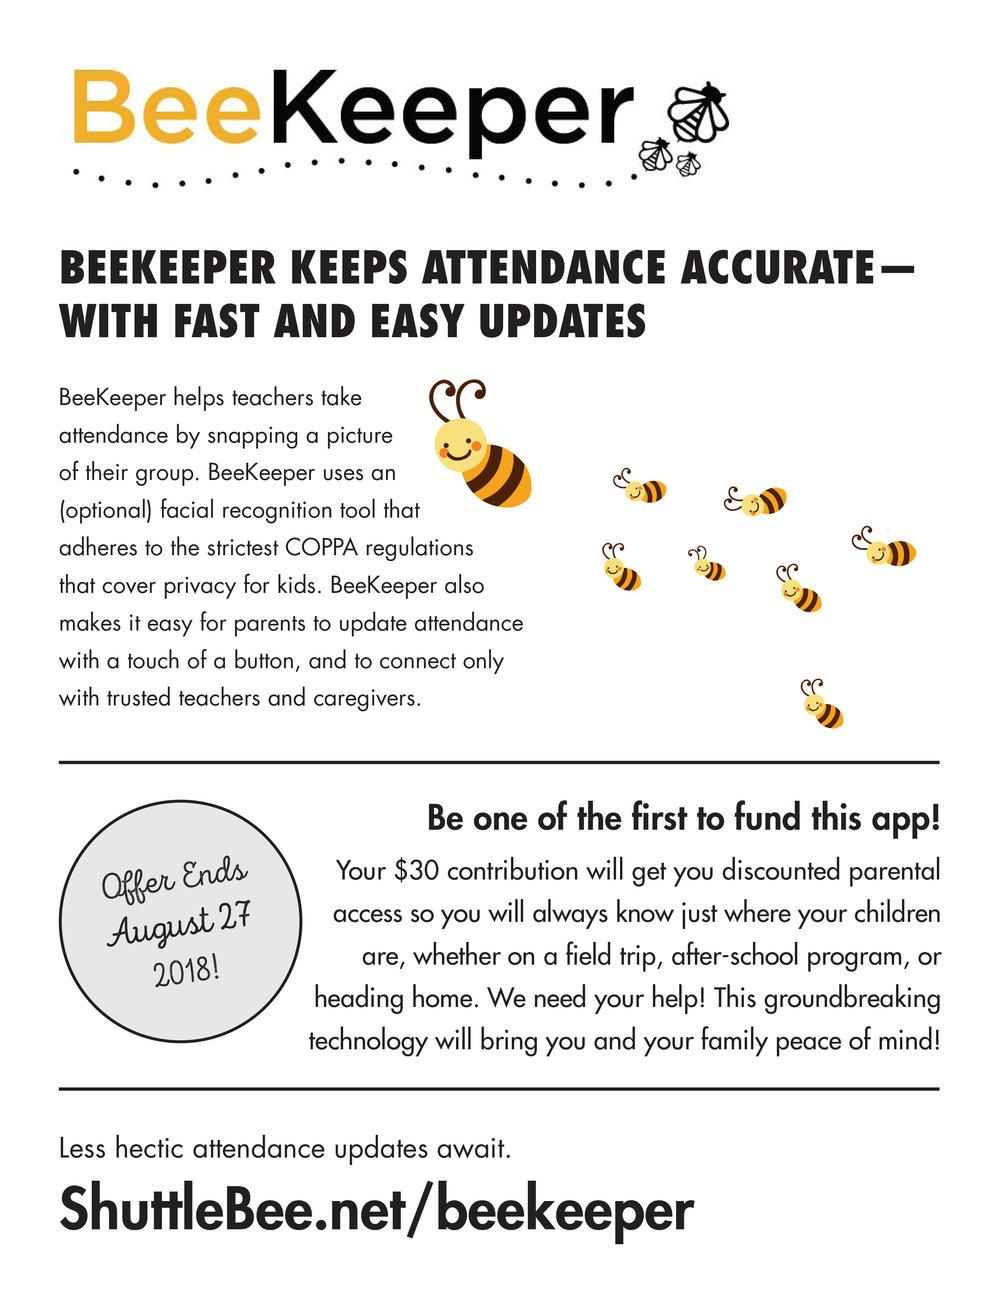 BeeKeeper Presale August 27.jpg